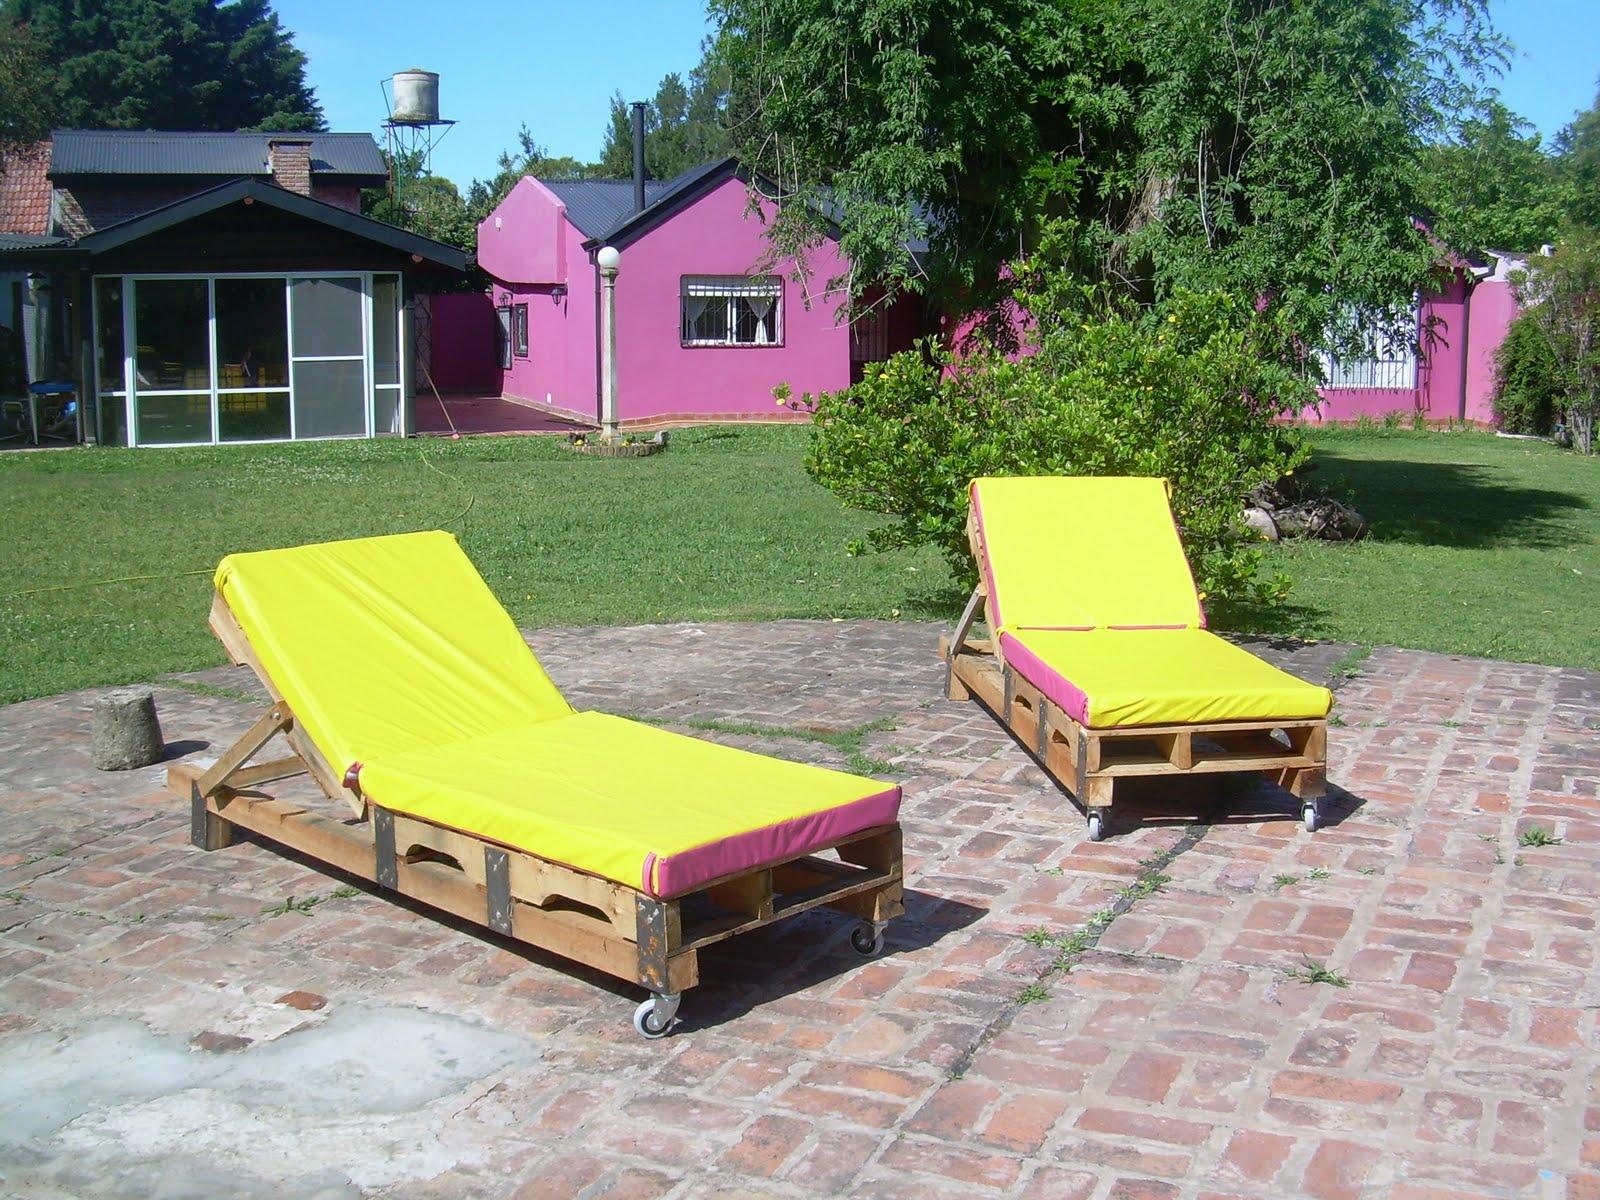 Riciclo creativo per il giardino 3 idee di arredamento - Mobili giardino ...